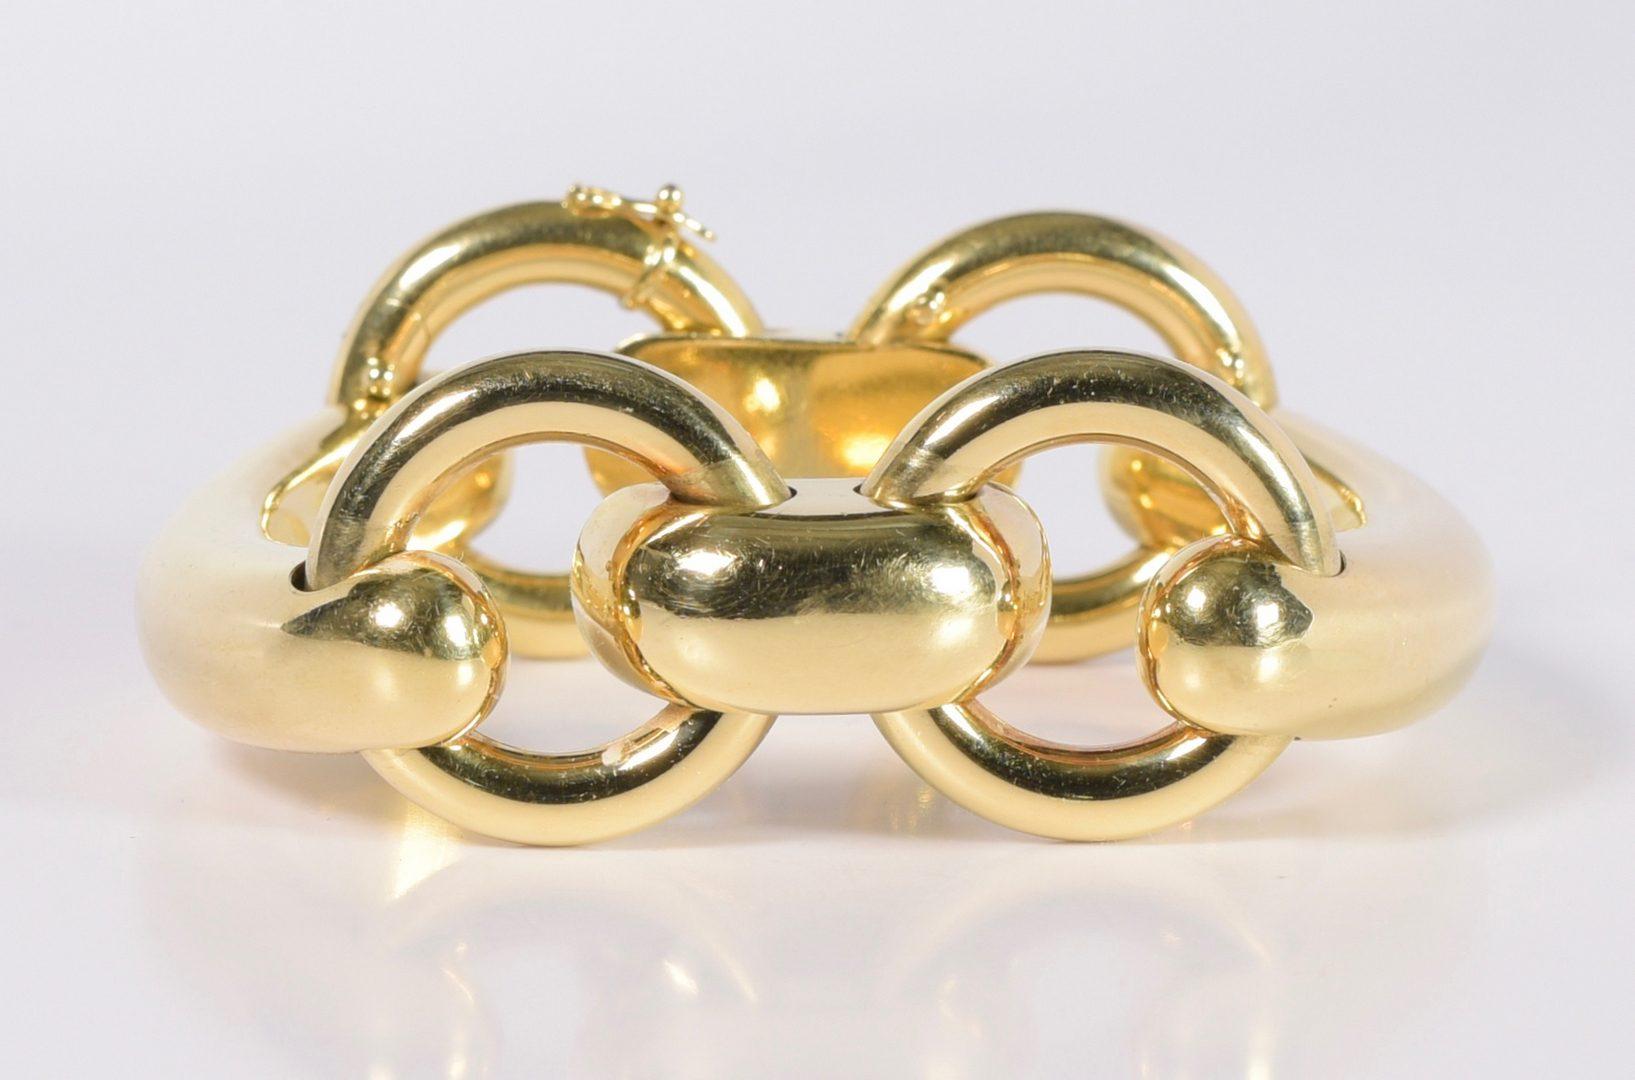 Lot 72: 18K Heavy Buckle Bracelet, 91.7 grams